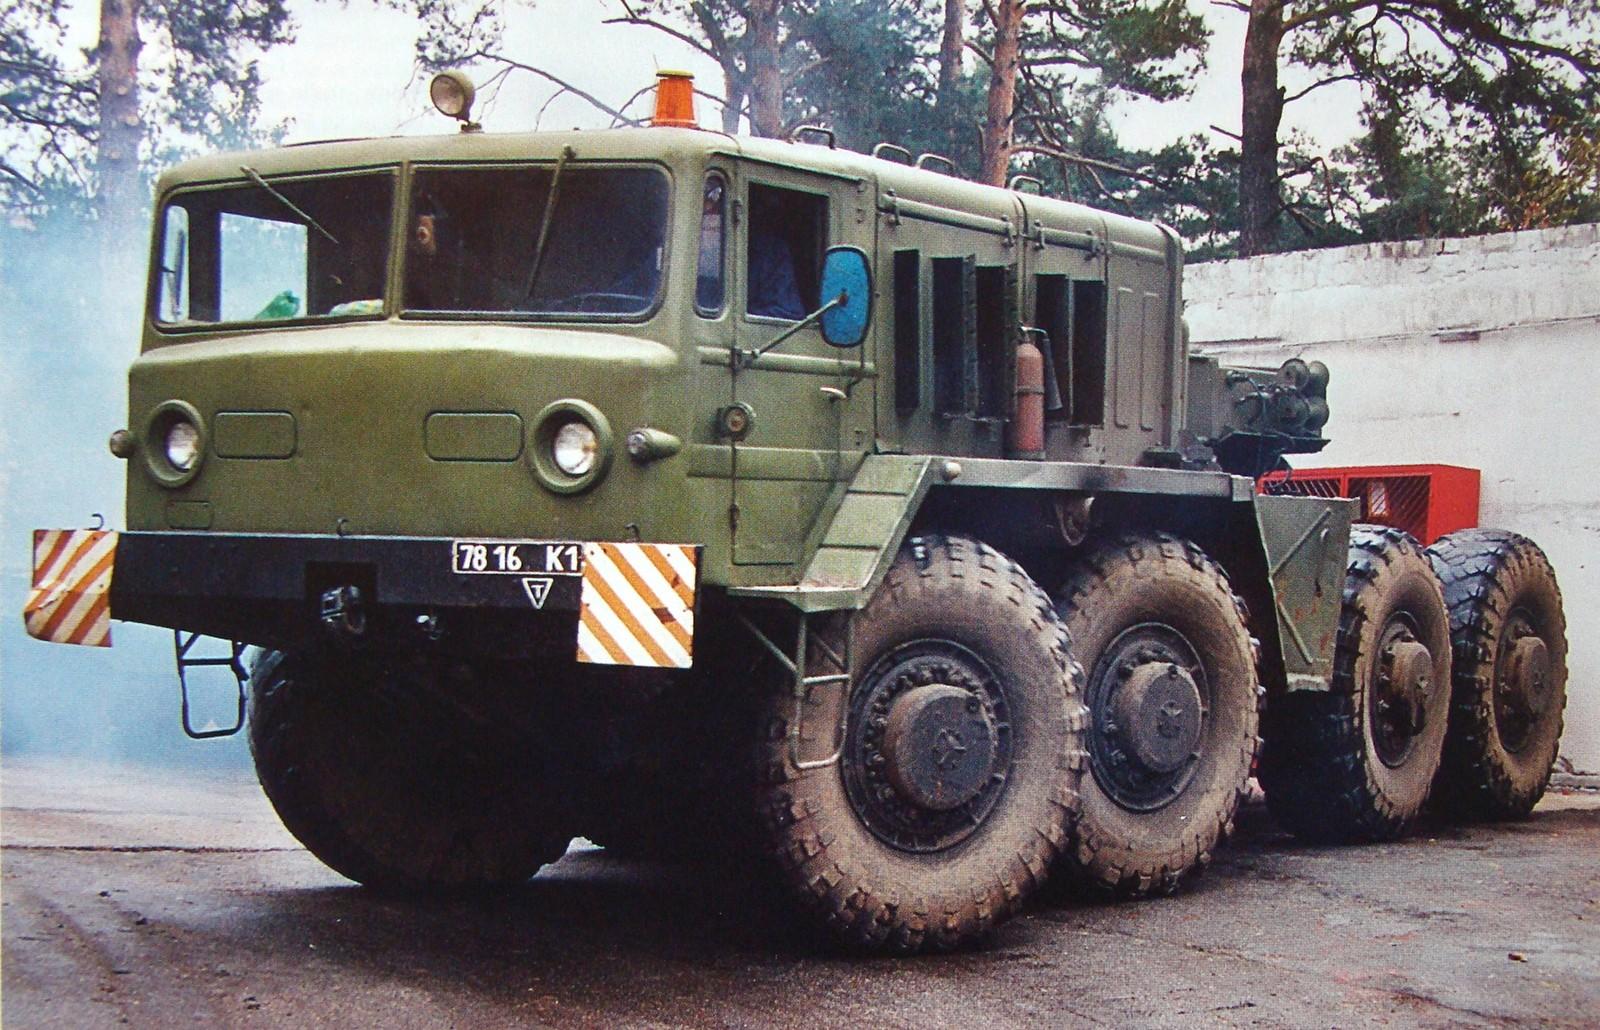 Серийный 525-сильный тягач МАЗ-537 первого поколения. 1968 год (из архива J. Kinnear)